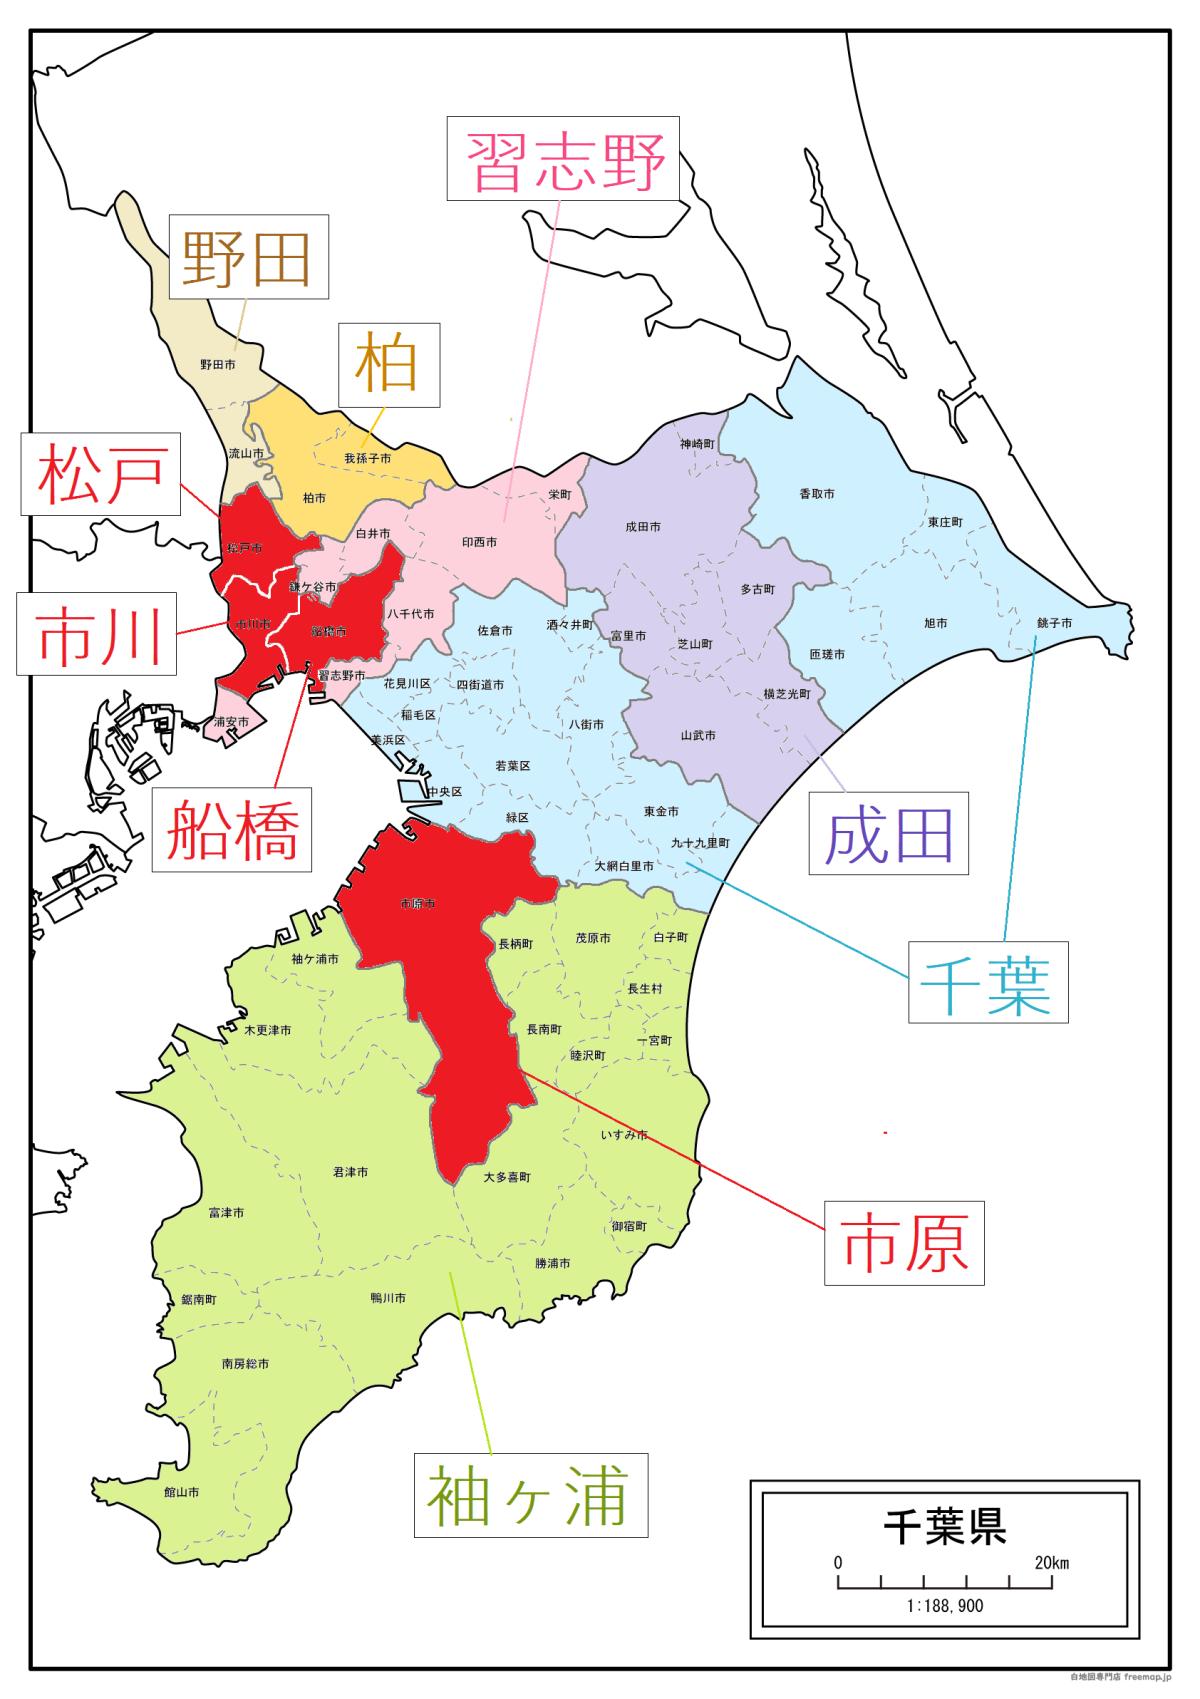 千葉県のナンバープレート地域区分図 2020年度